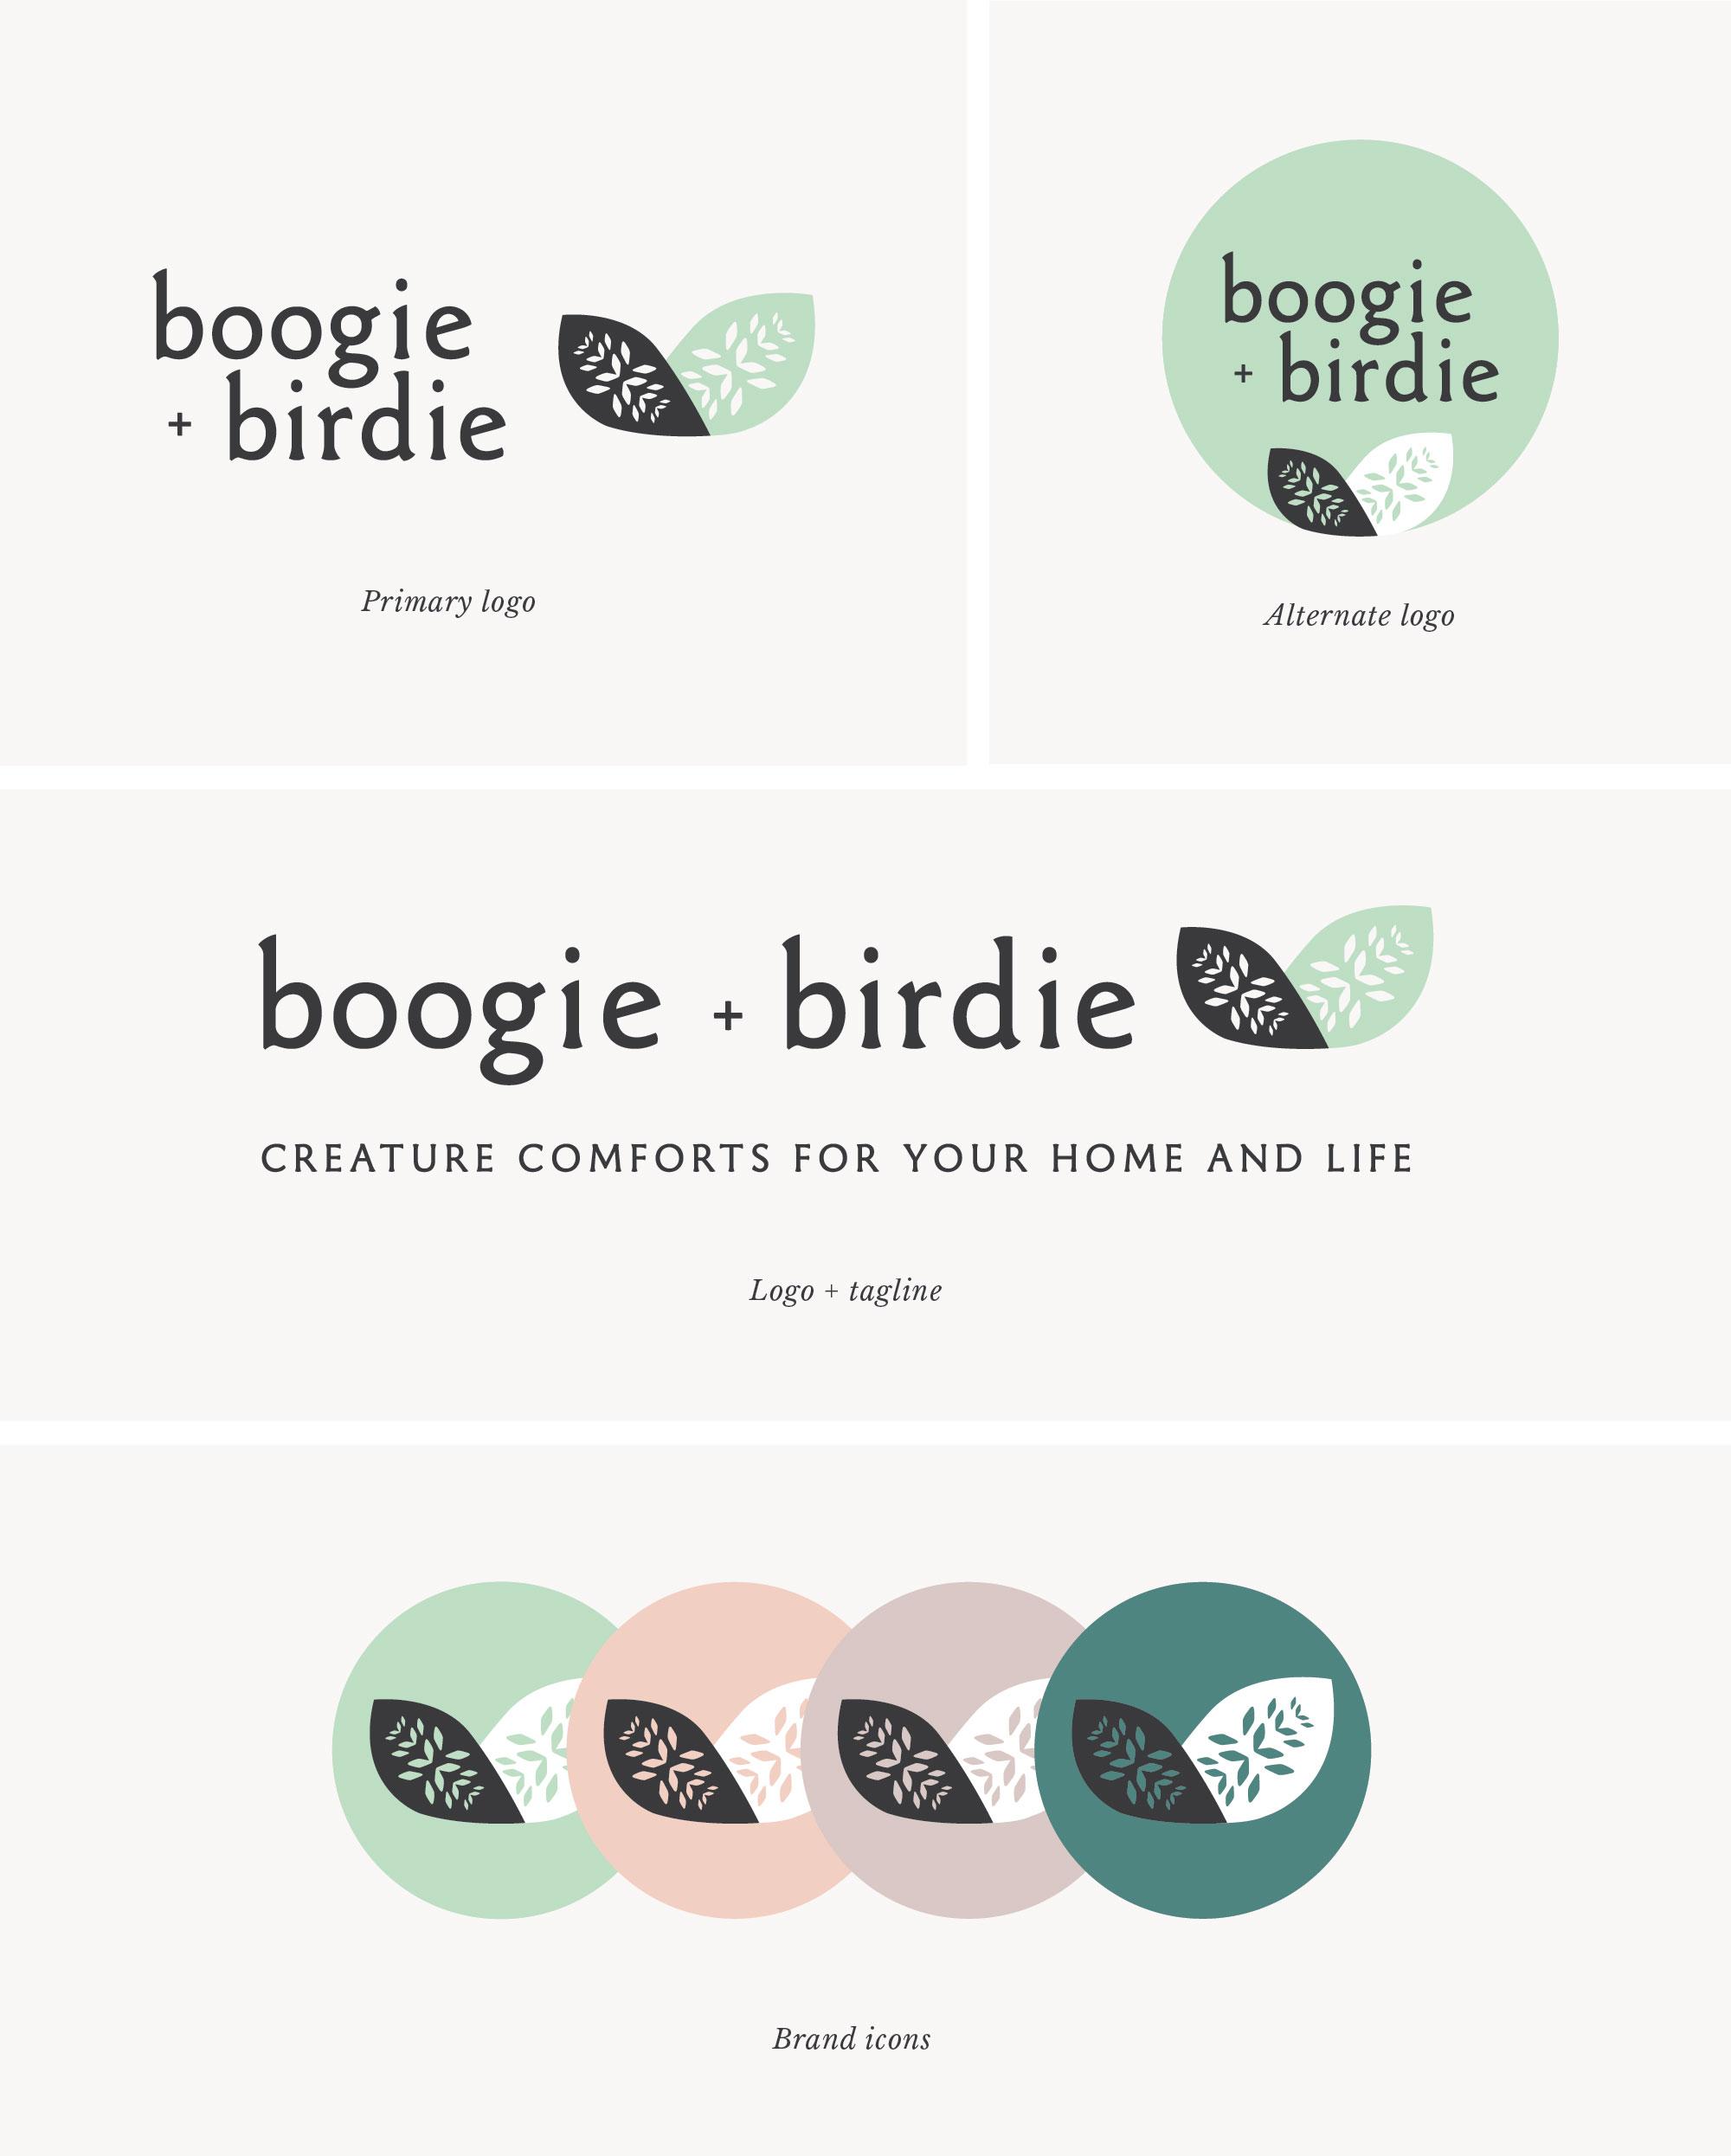 boogie-+-birdie-all-logos-backdrop